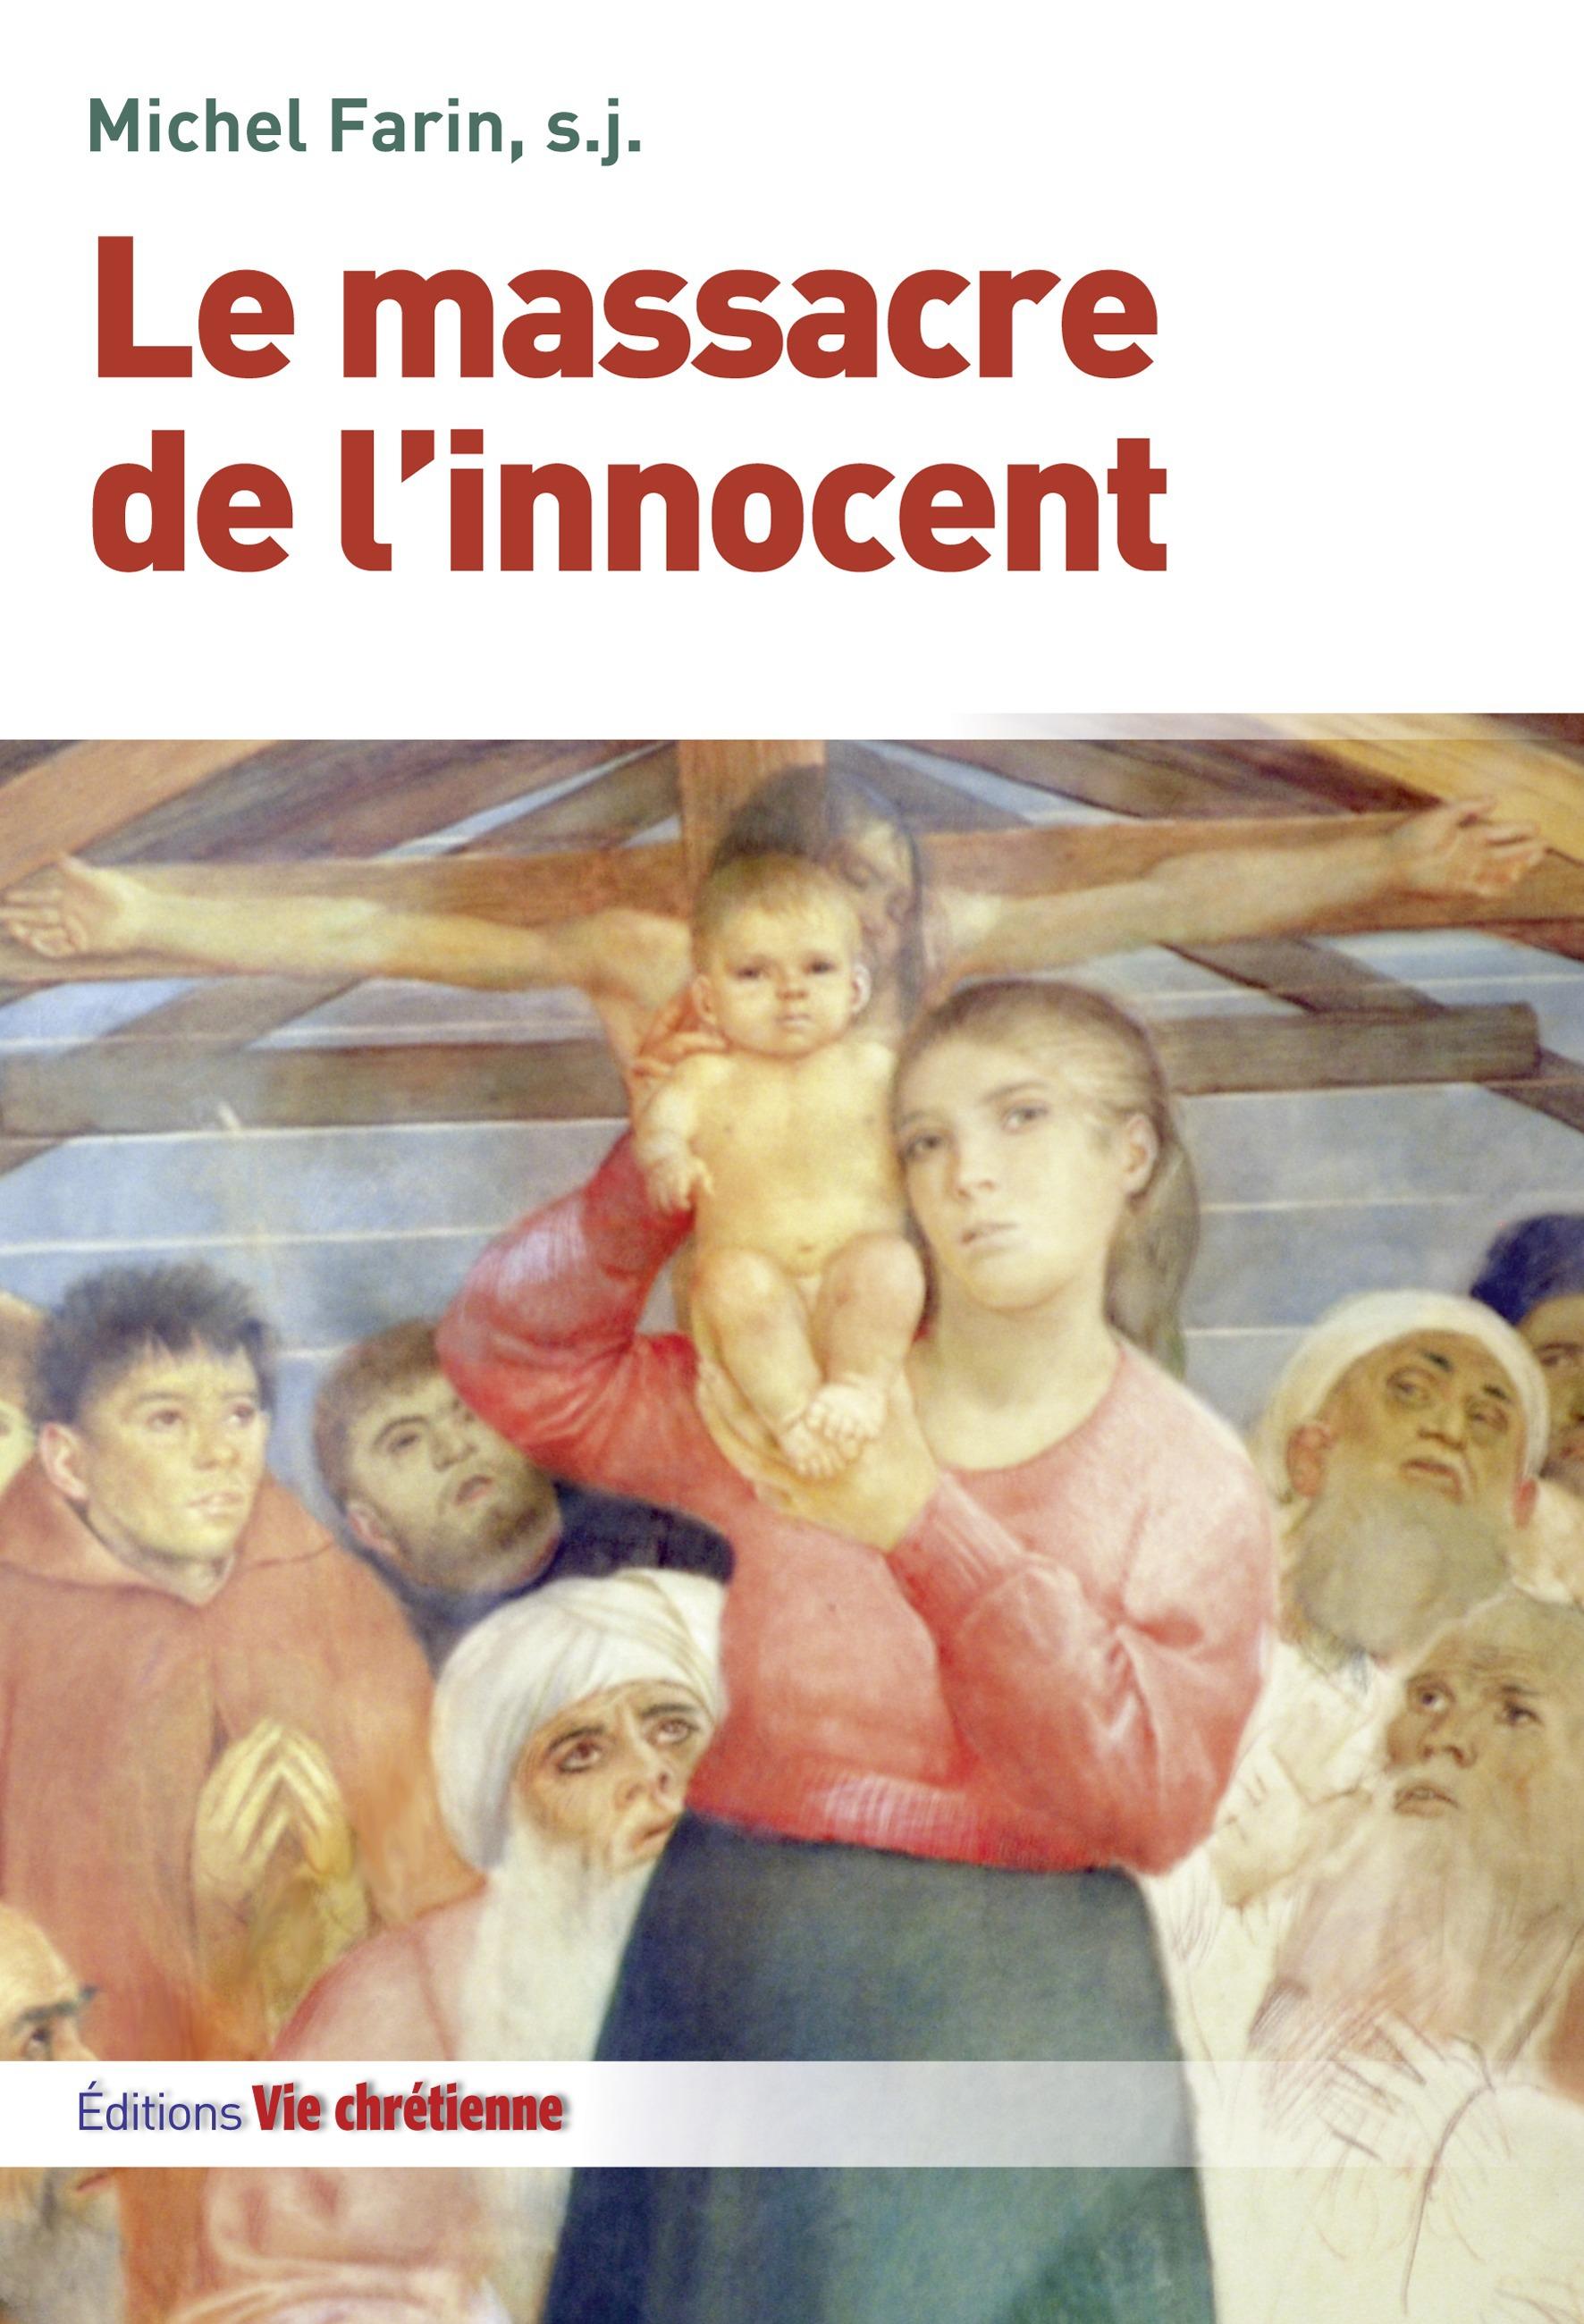 Le massacre de l'innocent